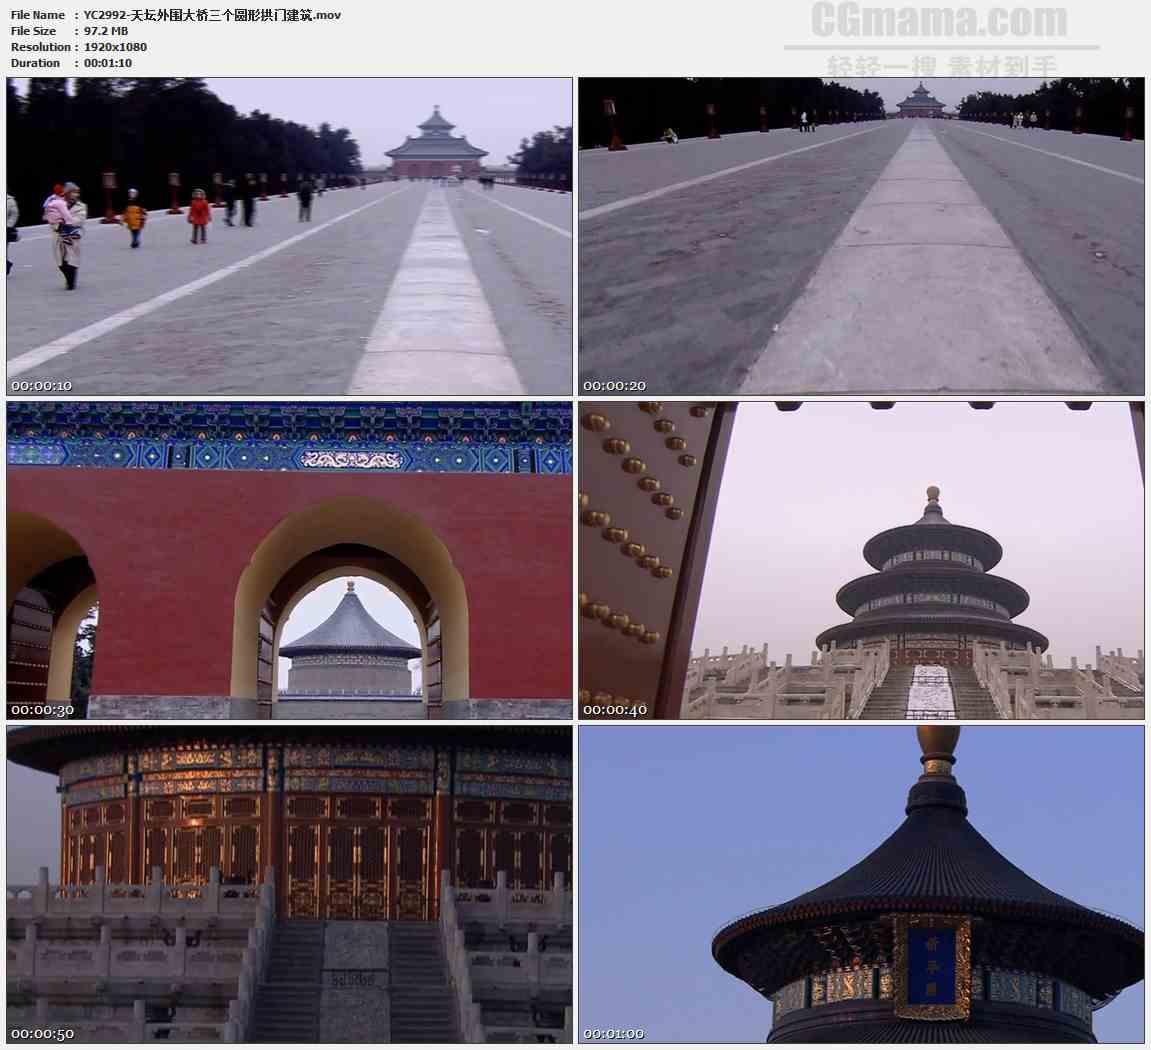 YC2992-天坛外围大桥三个圆形拱门建筑高清实拍视频素材